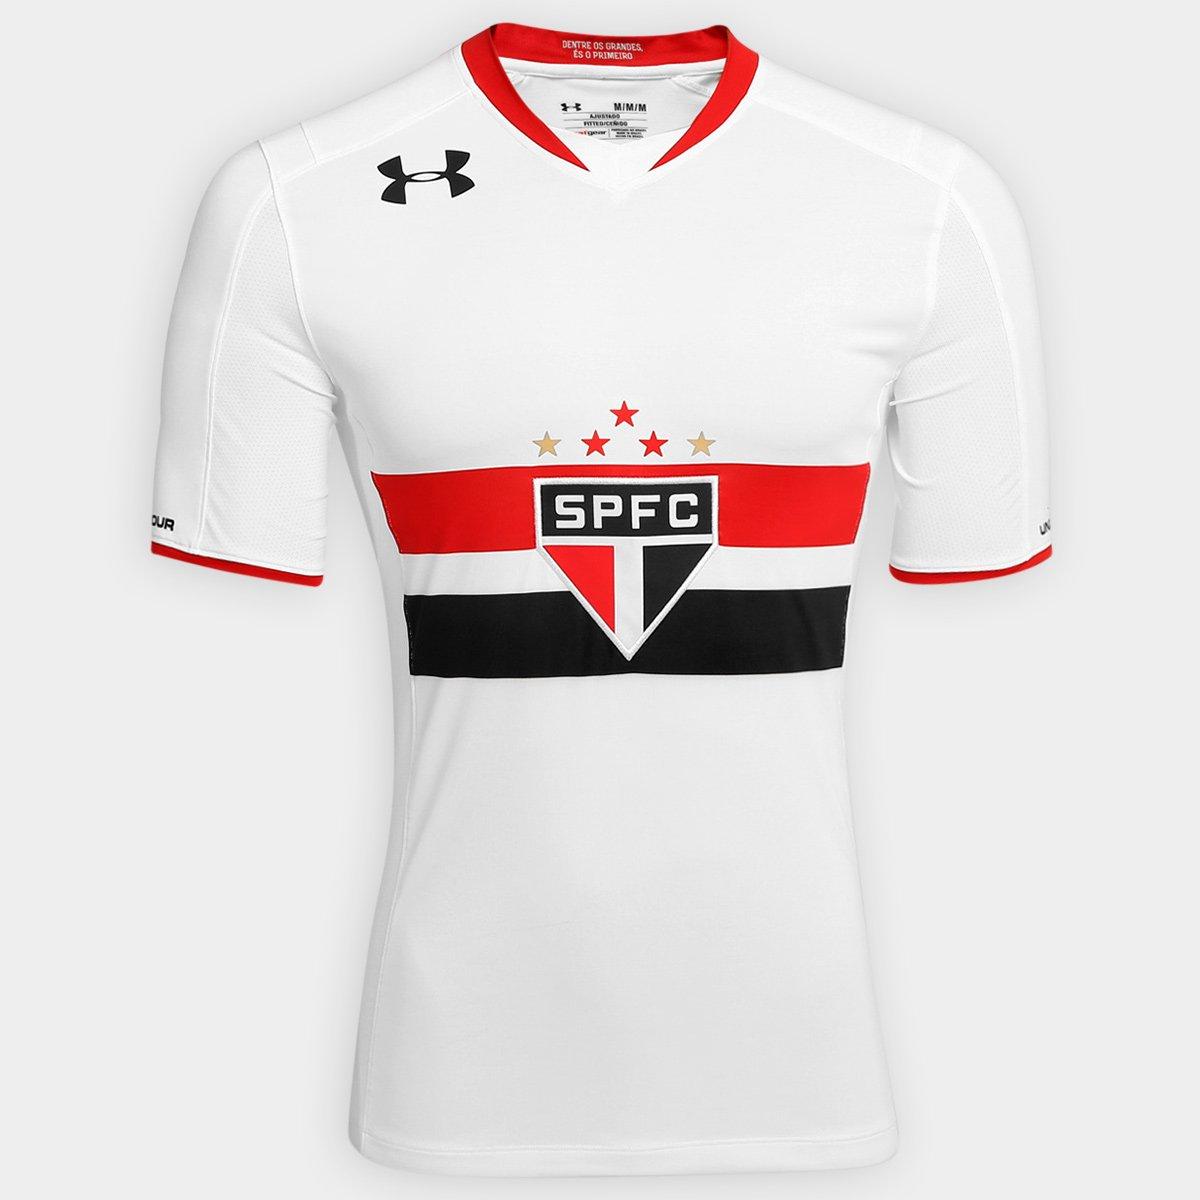 Camisa São Paulo Oficial Under Armour Masculina Branca+Vermelho